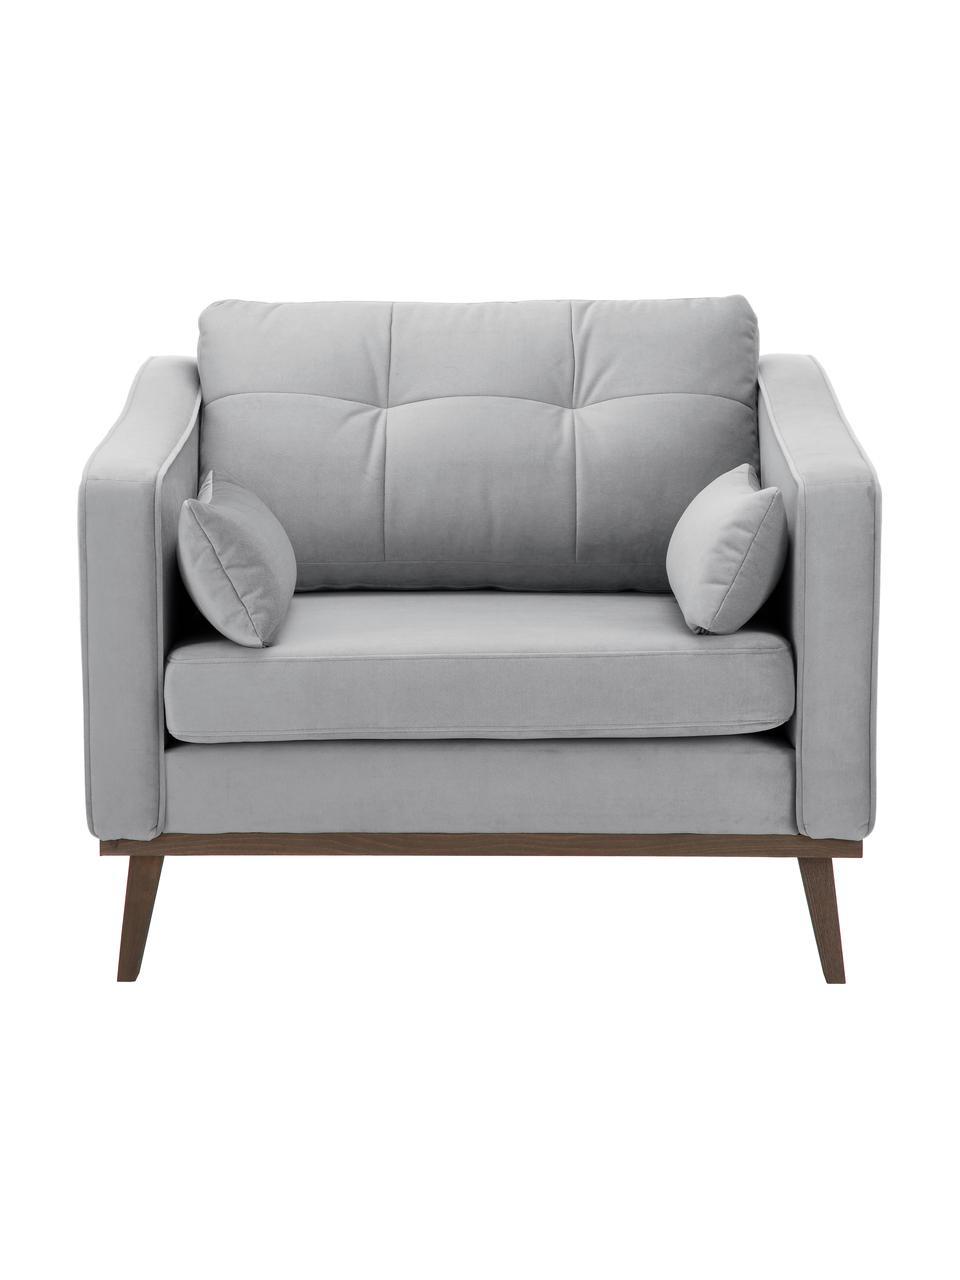 Fotel z aksamitu  z nogami z drewna bukowego Alva, Tapicerka: aksamit (wysokiej jakości, Nogi: lite drewno bukowe, barwi, Aksamitny szary, S 102 x G 92 cm